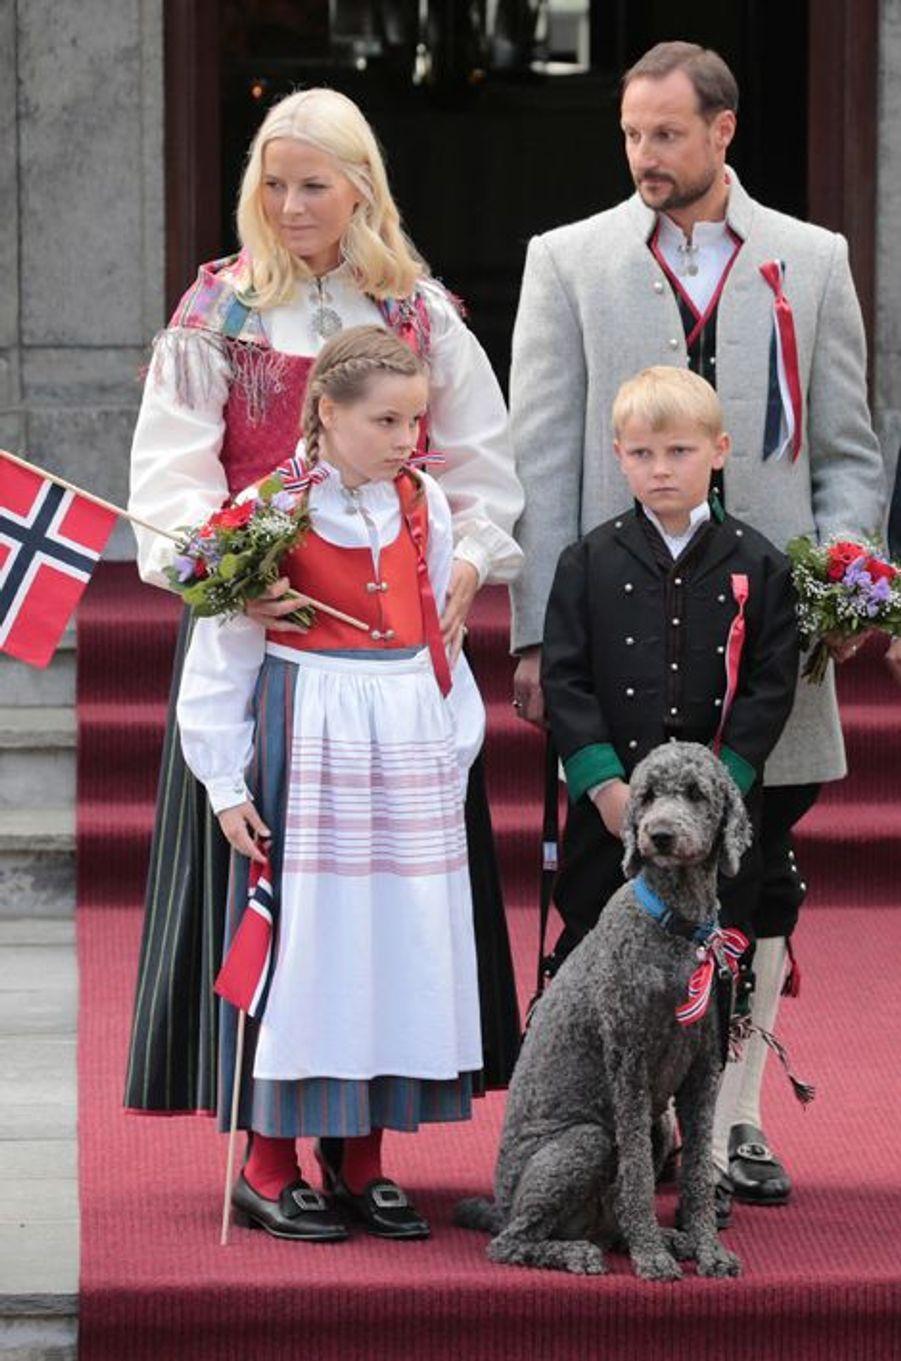 Mette-Marit et Haakon avec leurs enfants Ingrid-Alexandra et Sverre-Magnus, le 17 mai 2014